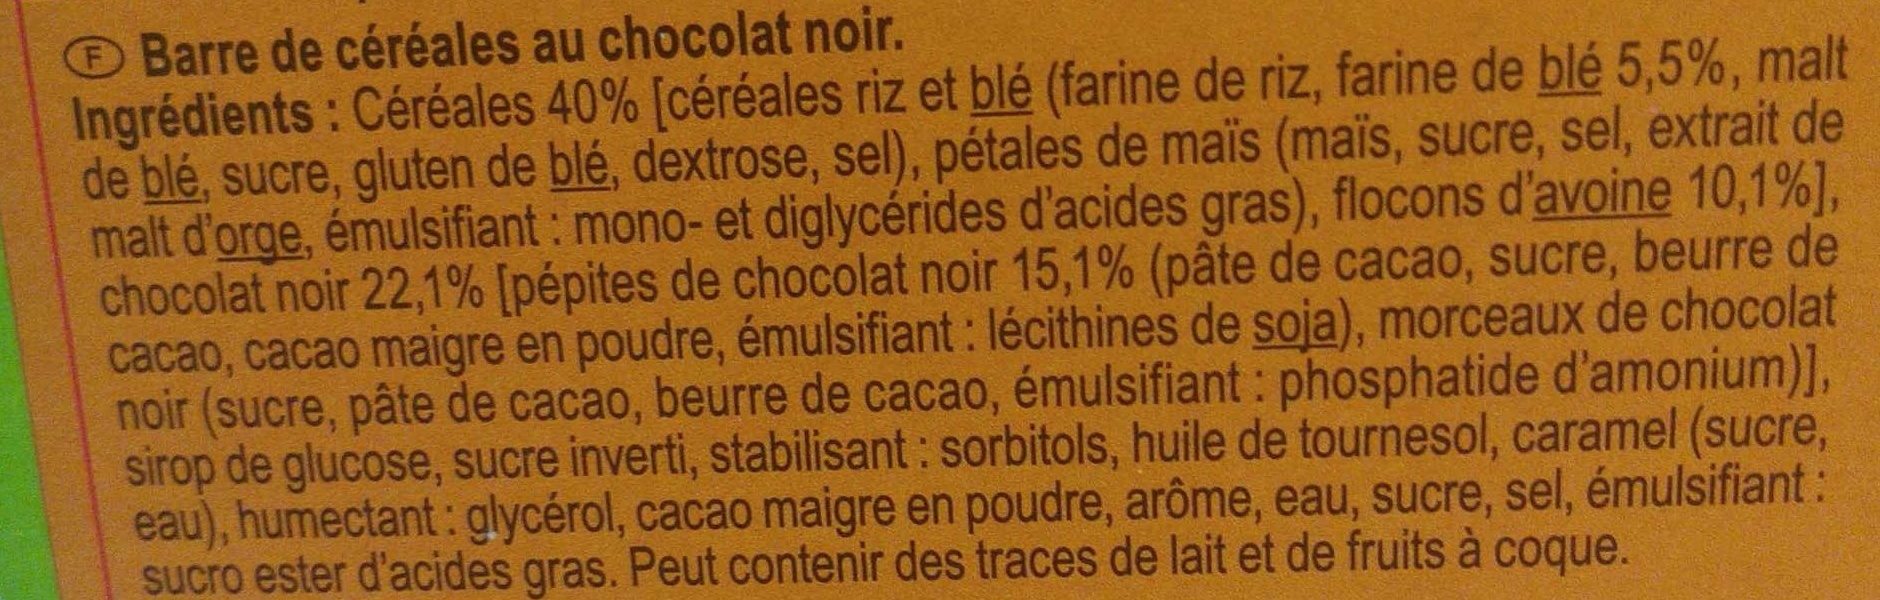 Barres céréales chocolat noir - Ingrédients - fr